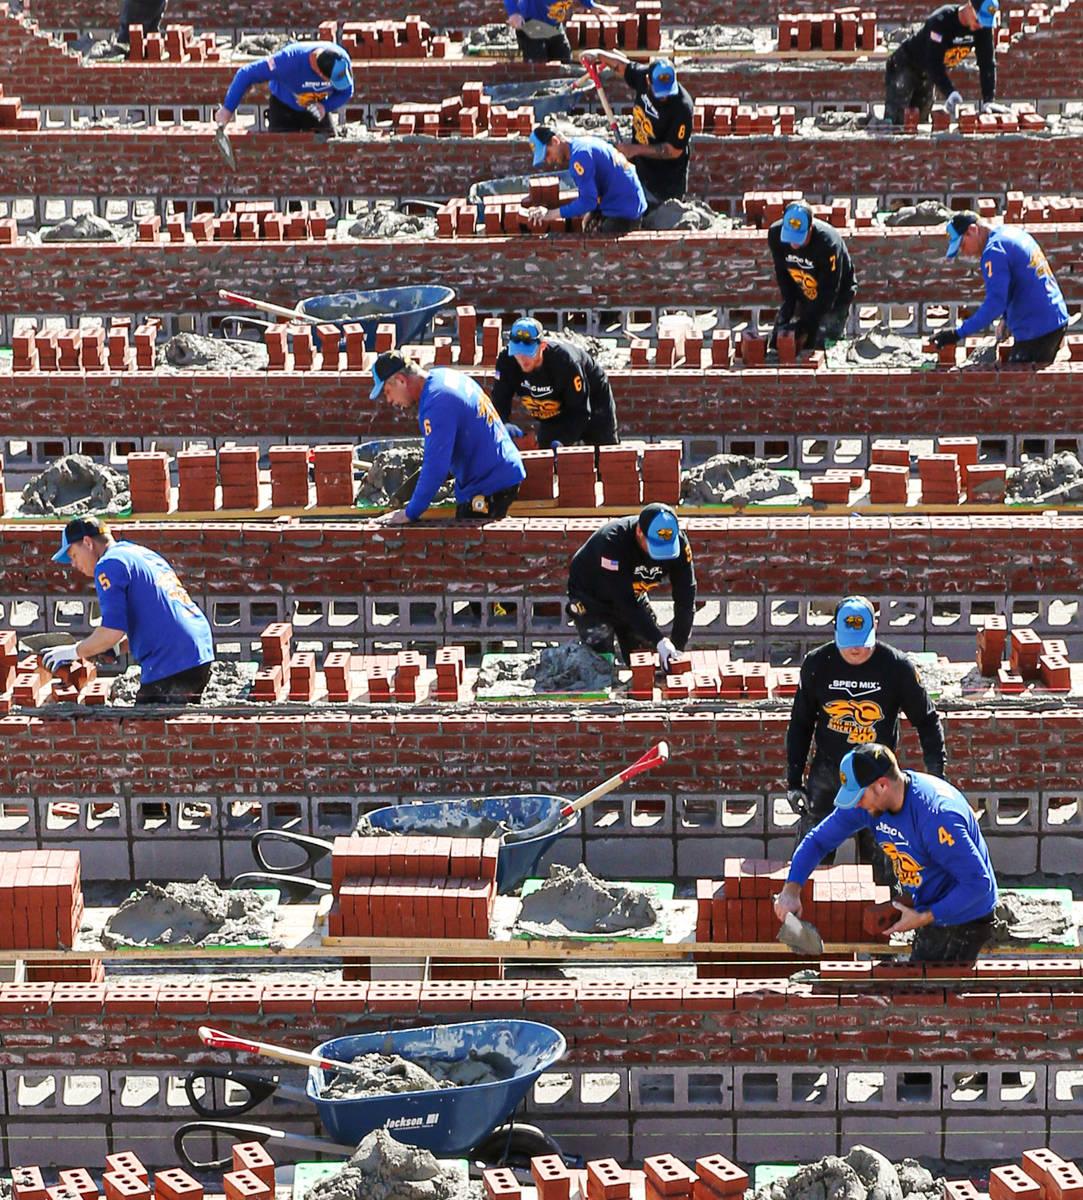 Competencia Spec Mix Bricklayer 500 de 2020 en World of Concrete el viernes, 25 de enero de 201 ...